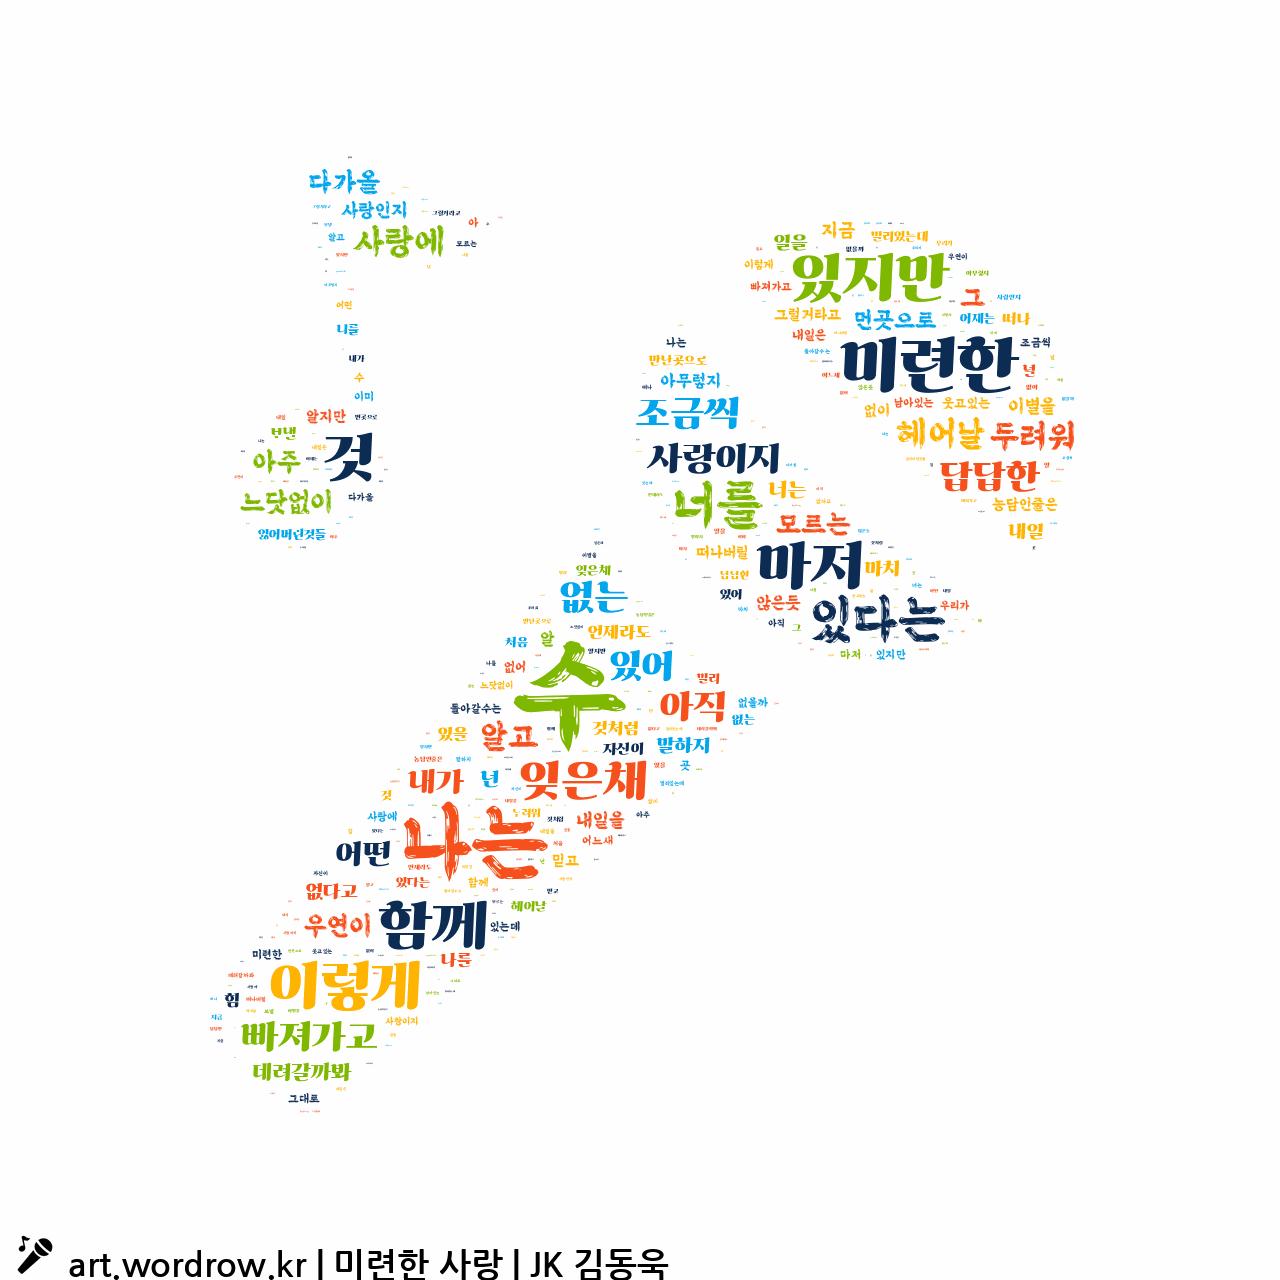 워드 아트: 미련한 사랑 [JK 김동욱]-54